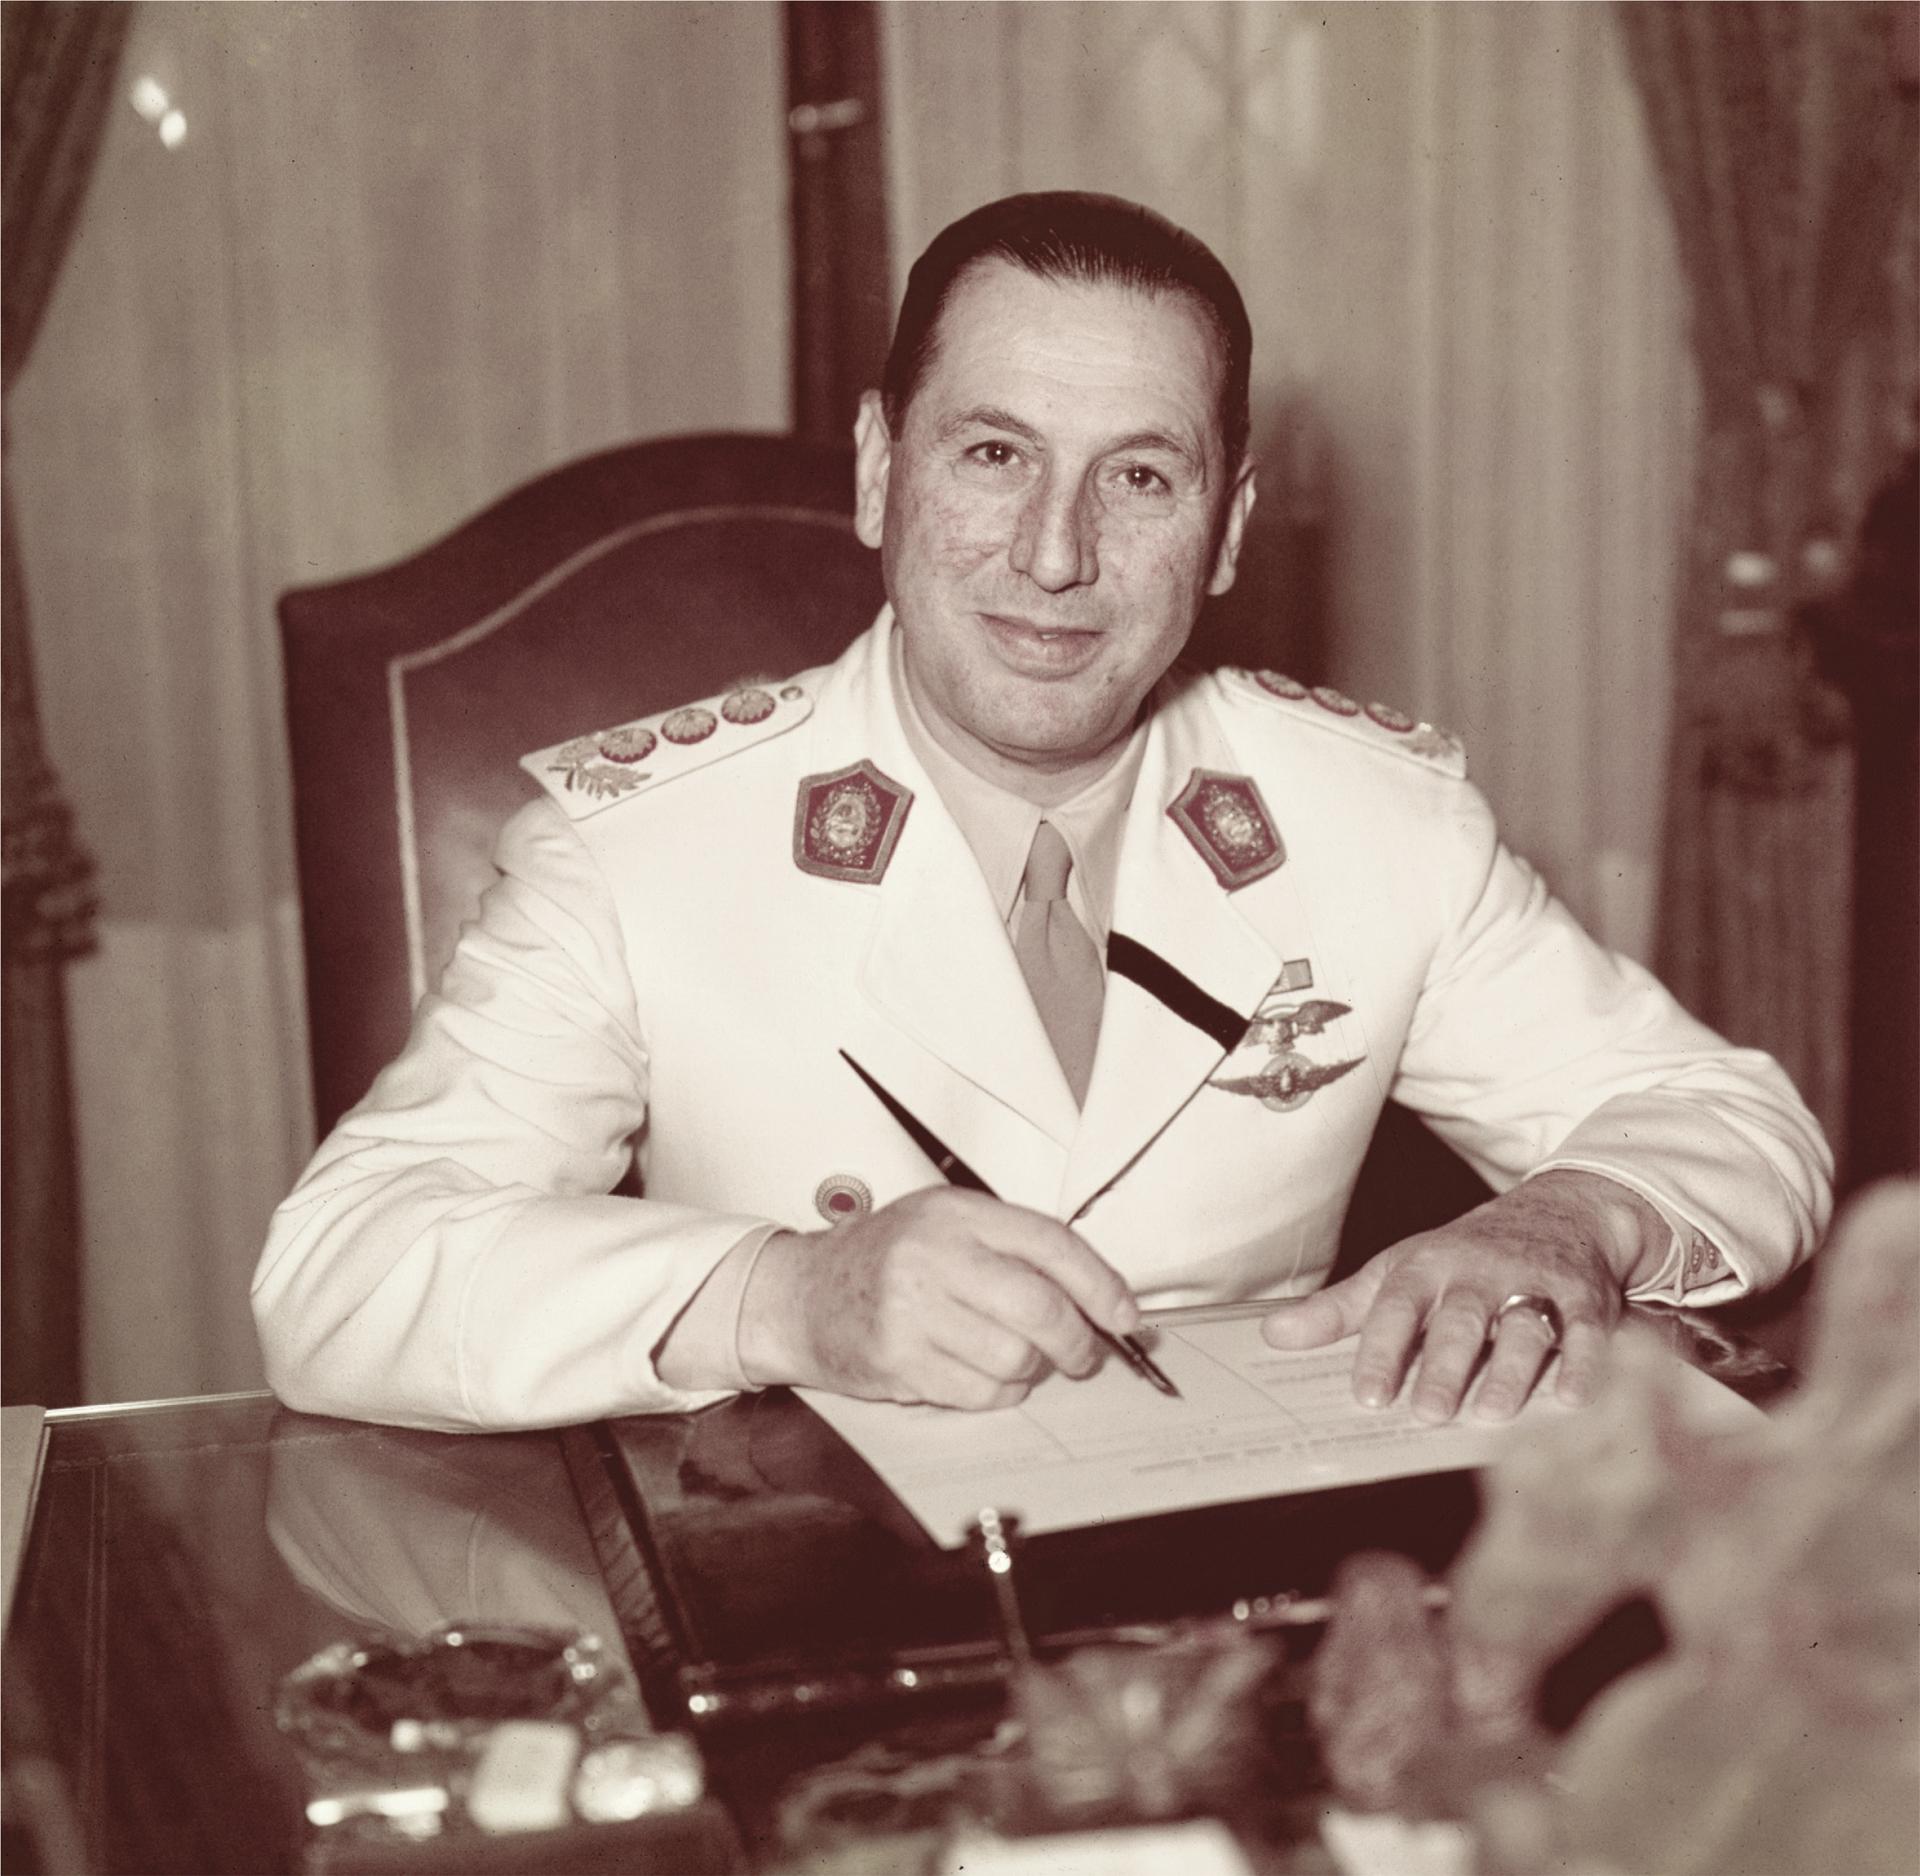 Perón posa para la cámara de Fusco, lapicera en mano. En su solapa, la banda negra cruzada que indica el luto por su esposa.